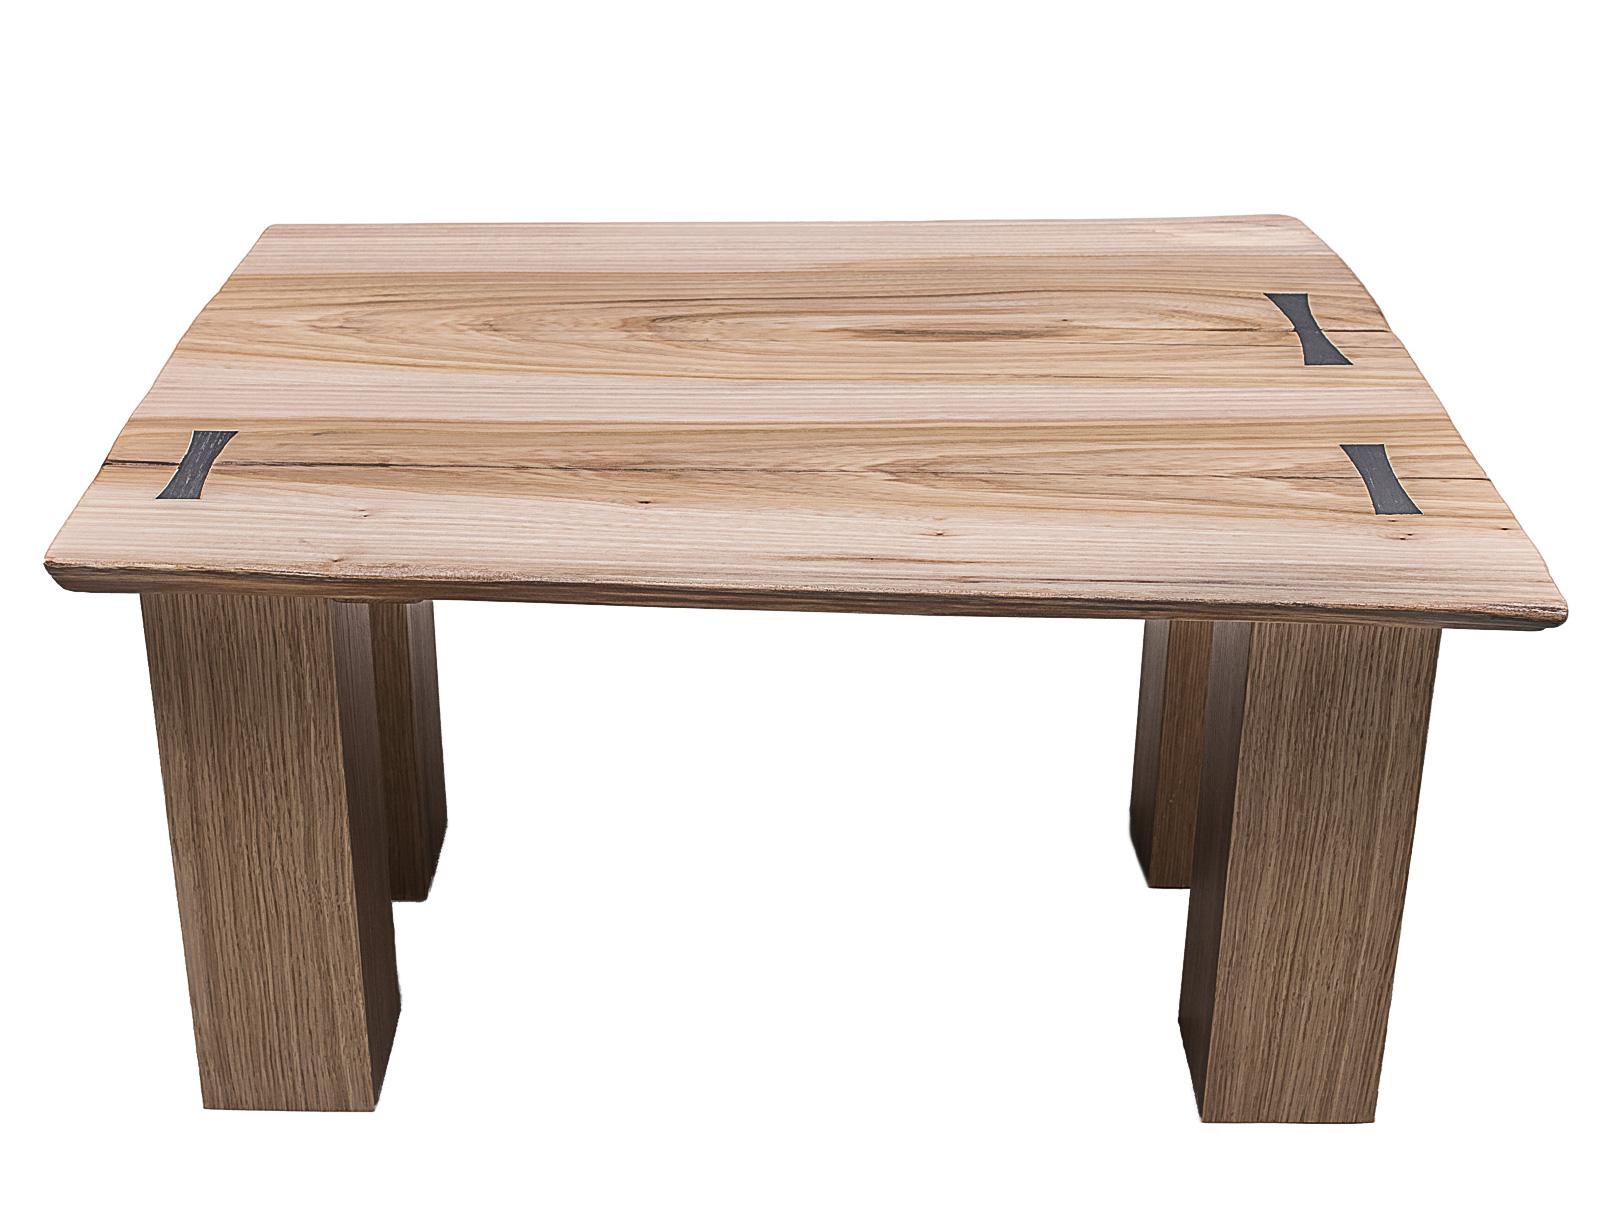 Кофейный столик «Slab 11»Кофейные столики<br>Кофейный столик Slab 11 со столешницей из массива карагача с его неповторимой текстурой, естественным &amp;quot;живым&amp;quot; краем и вставками-бабочками. Стол «впитал» в себя черты японского минимализма и современного стиля Live Edge. Такой столик будет уместен не только в интерьере лофт, но и в интерьерах других стилей.&amp;amp;nbsp;&amp;lt;div&amp;gt;&amp;lt;br&amp;gt;&amp;lt;/div&amp;gt;&amp;lt;div&amp;gt;Возможно изготовление в других размерах и цвете.&amp;amp;nbsp;&amp;lt;/div&amp;gt;&amp;lt;div&amp;gt;Поскольку столик имеет «живой» край, то ширина столика немного варьируется — плюс-минус 3 см.&amp;amp;nbsp;&amp;lt;/div&amp;gt;&amp;lt;div&amp;gt;Поставляется в готовом виде — сборка не требуется.<br>&amp;lt;/div&amp;gt;<br><br>Material: Дерево<br>Length см: None<br>Width см: 71<br>Depth см: 54<br>Height см: 40.5